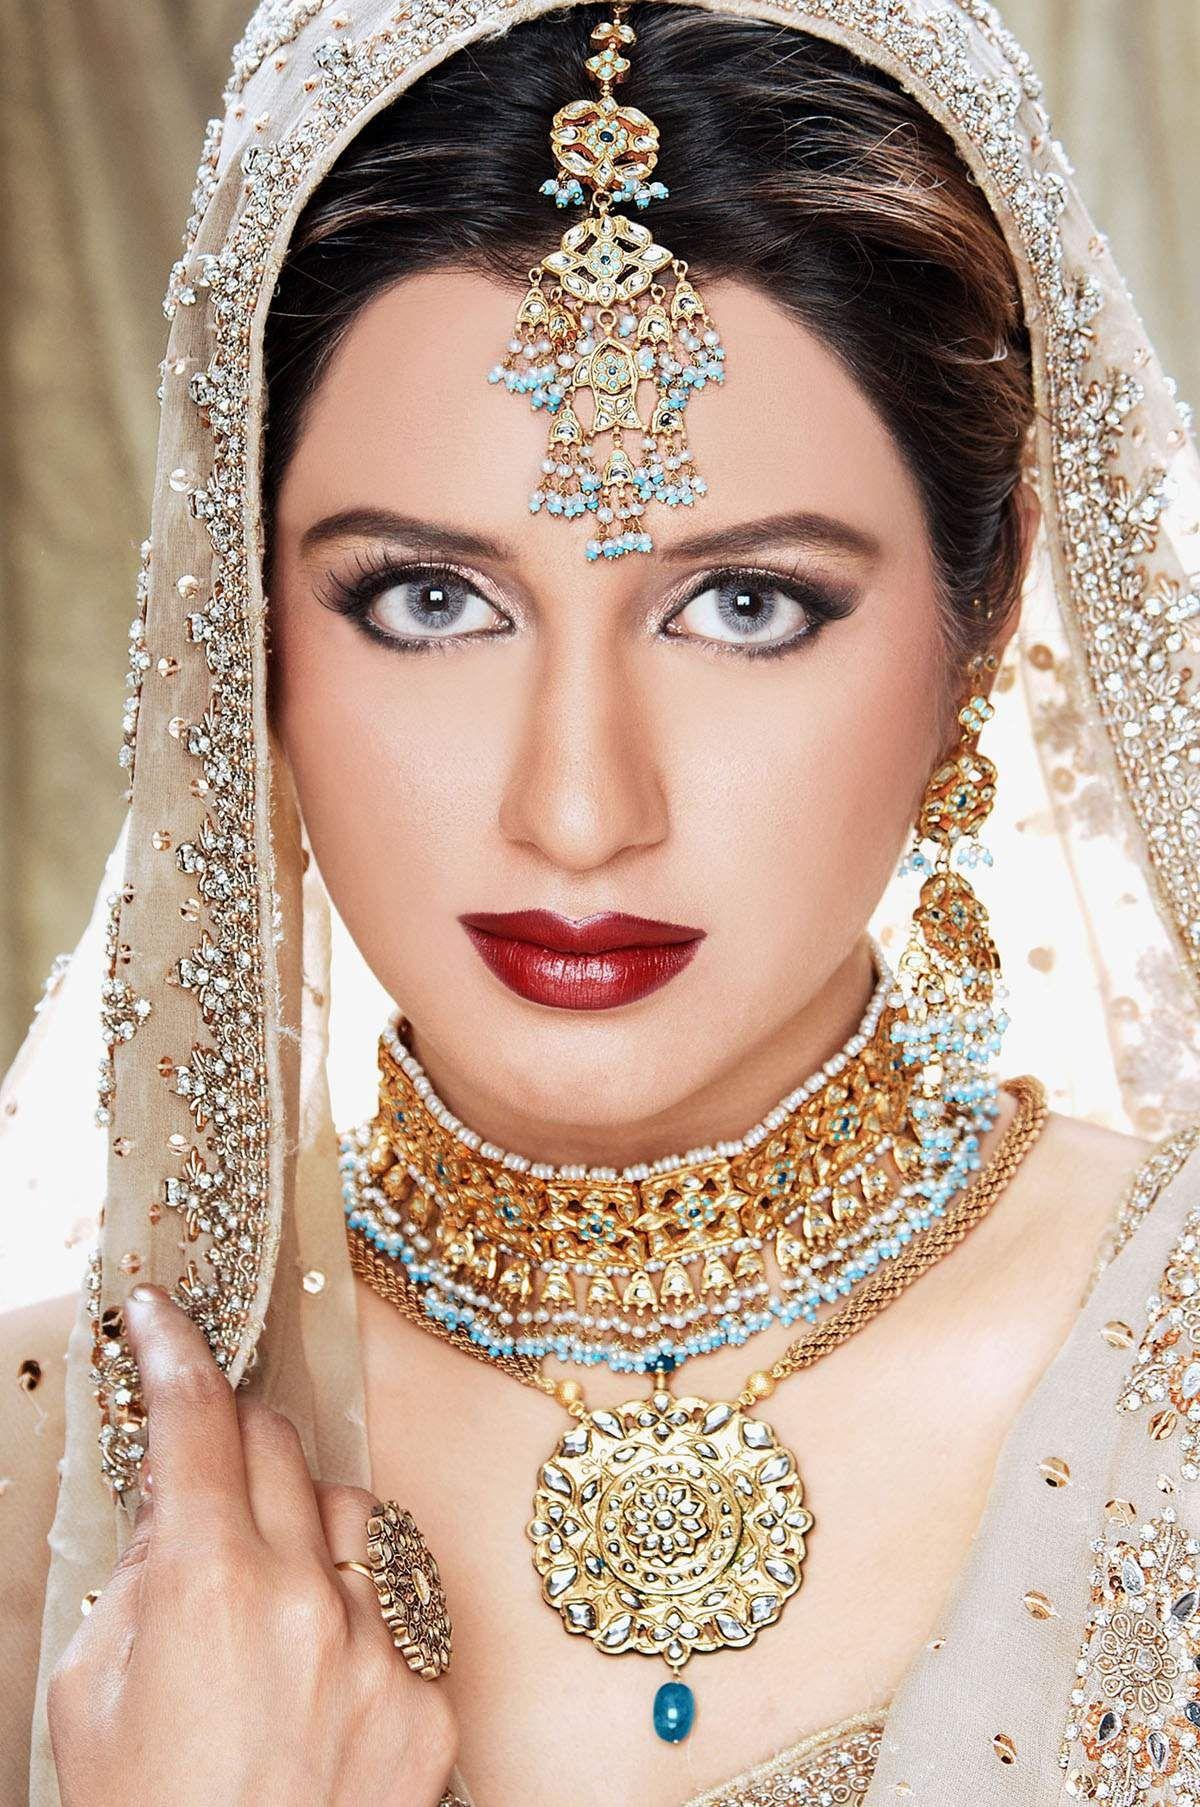 kundan bridal jewelry schmuck jewelry bijoux pinterest sch ne fotos moda und luxus. Black Bedroom Furniture Sets. Home Design Ideas